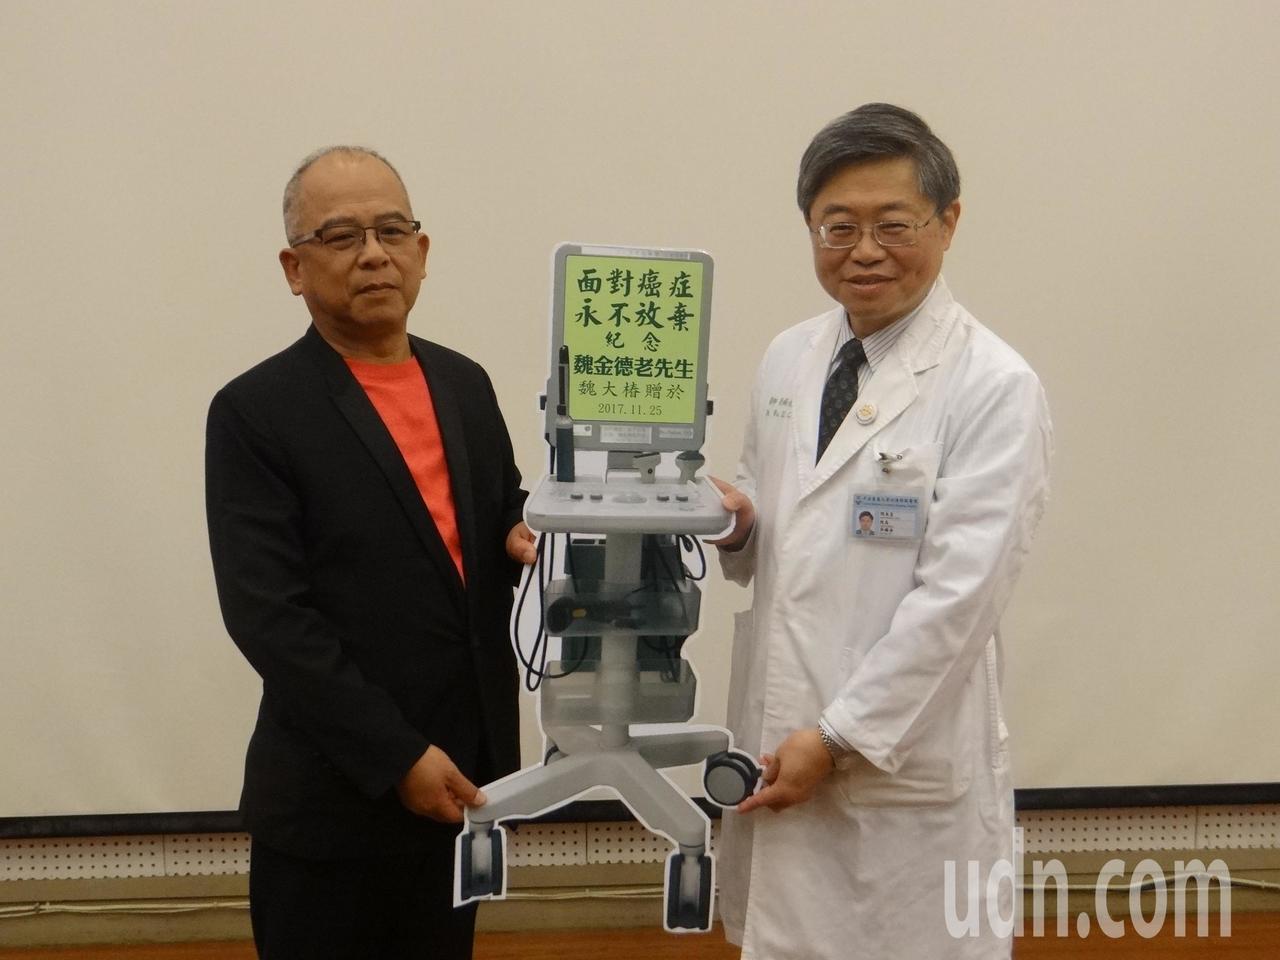 善心人士捐贈百萬儀器給媽祖醫院。記者蔡維斌/攝影